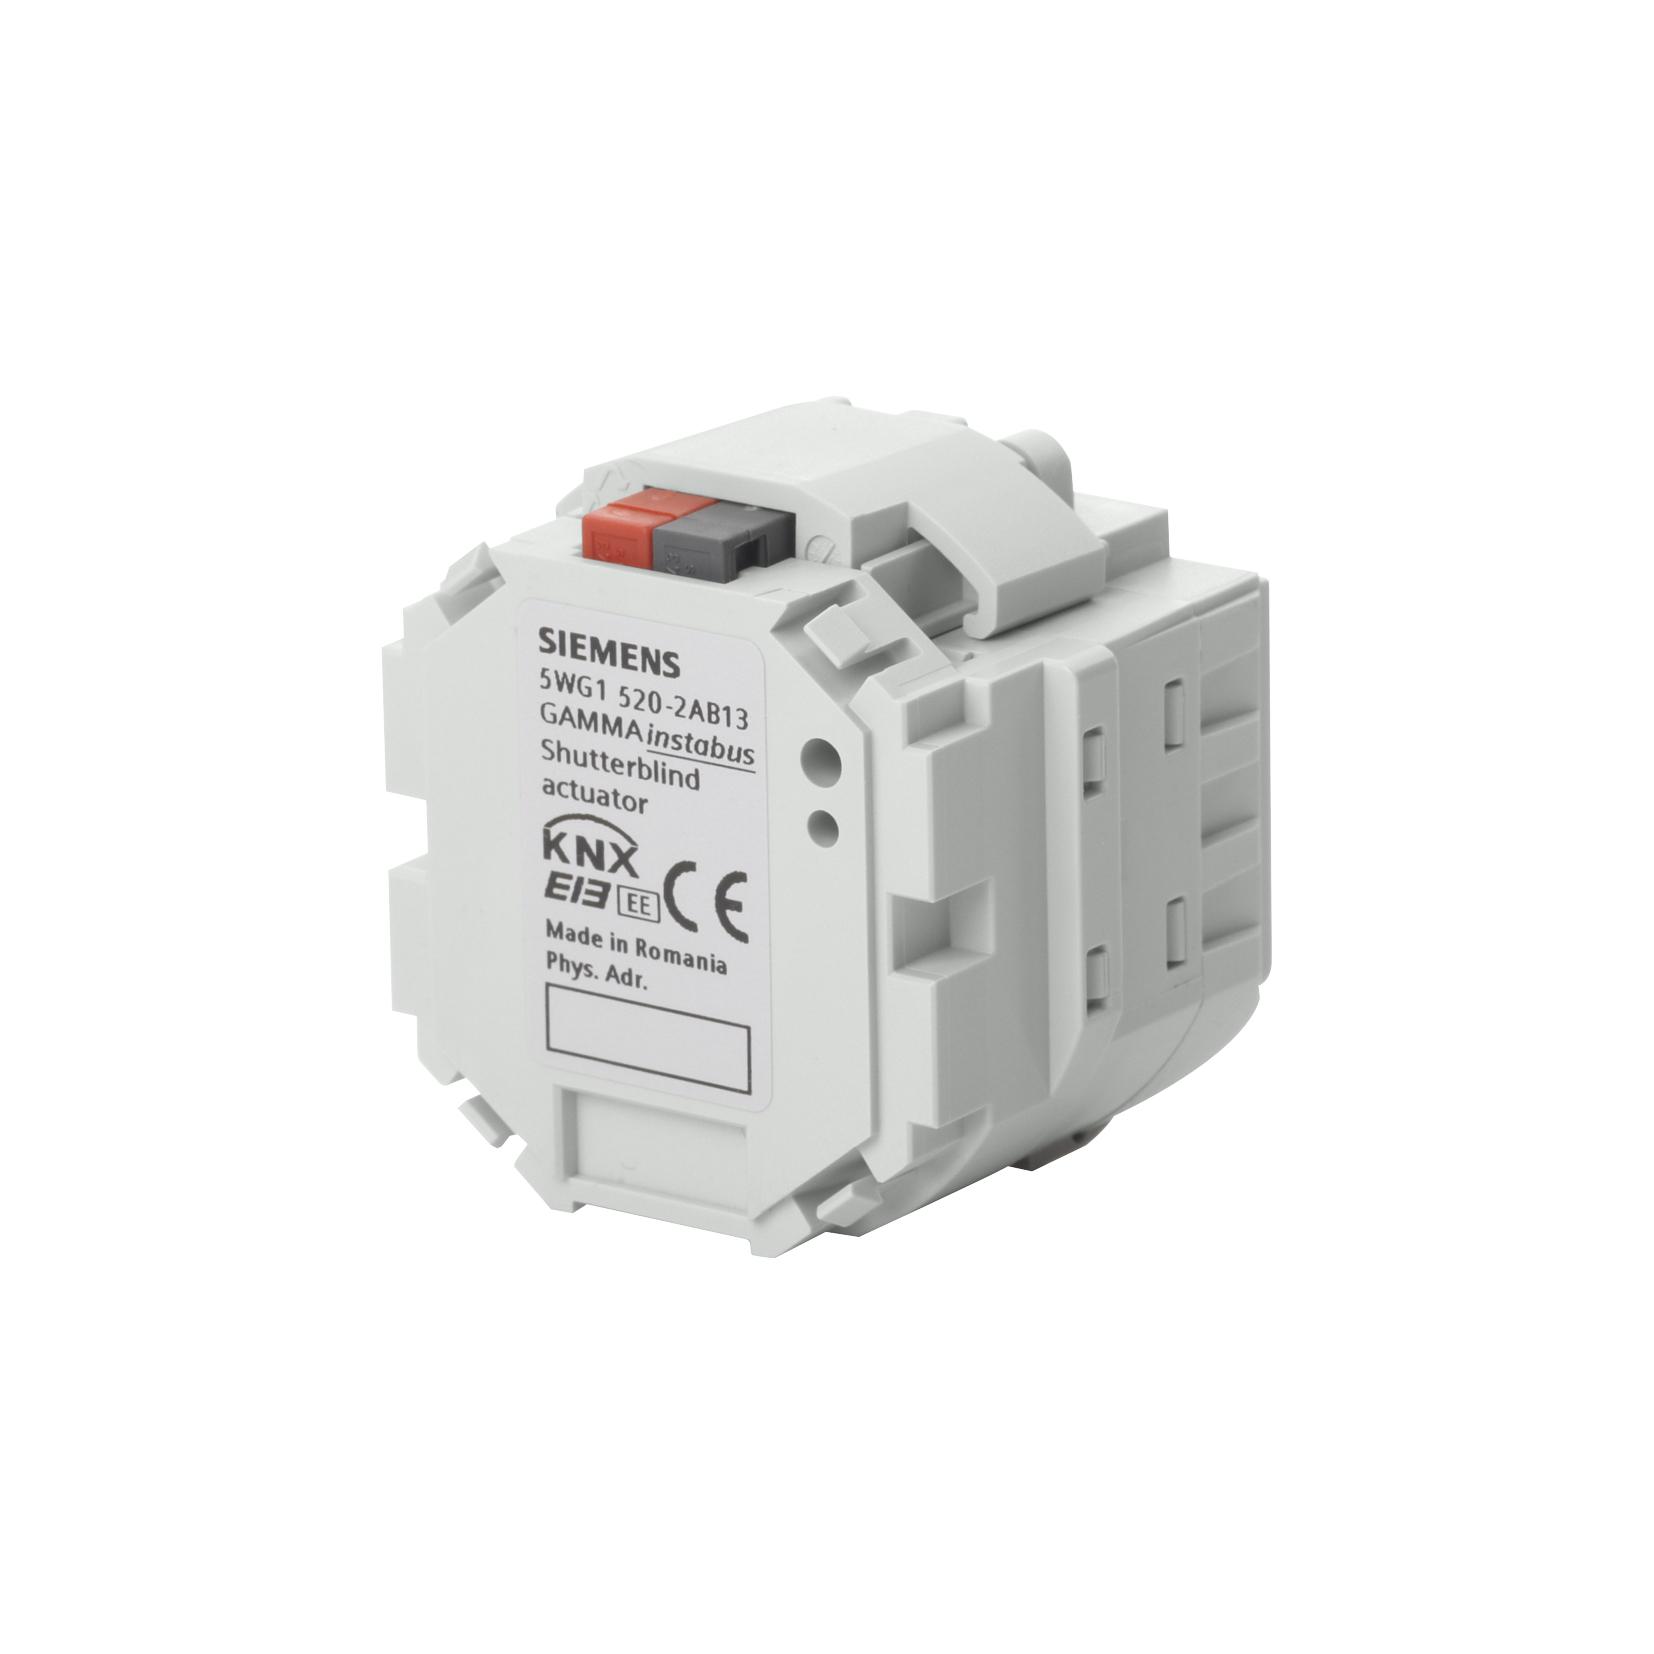 1 Stk Jalousieaktor, 1 x AC 230 V, 6 A KX5202AB13